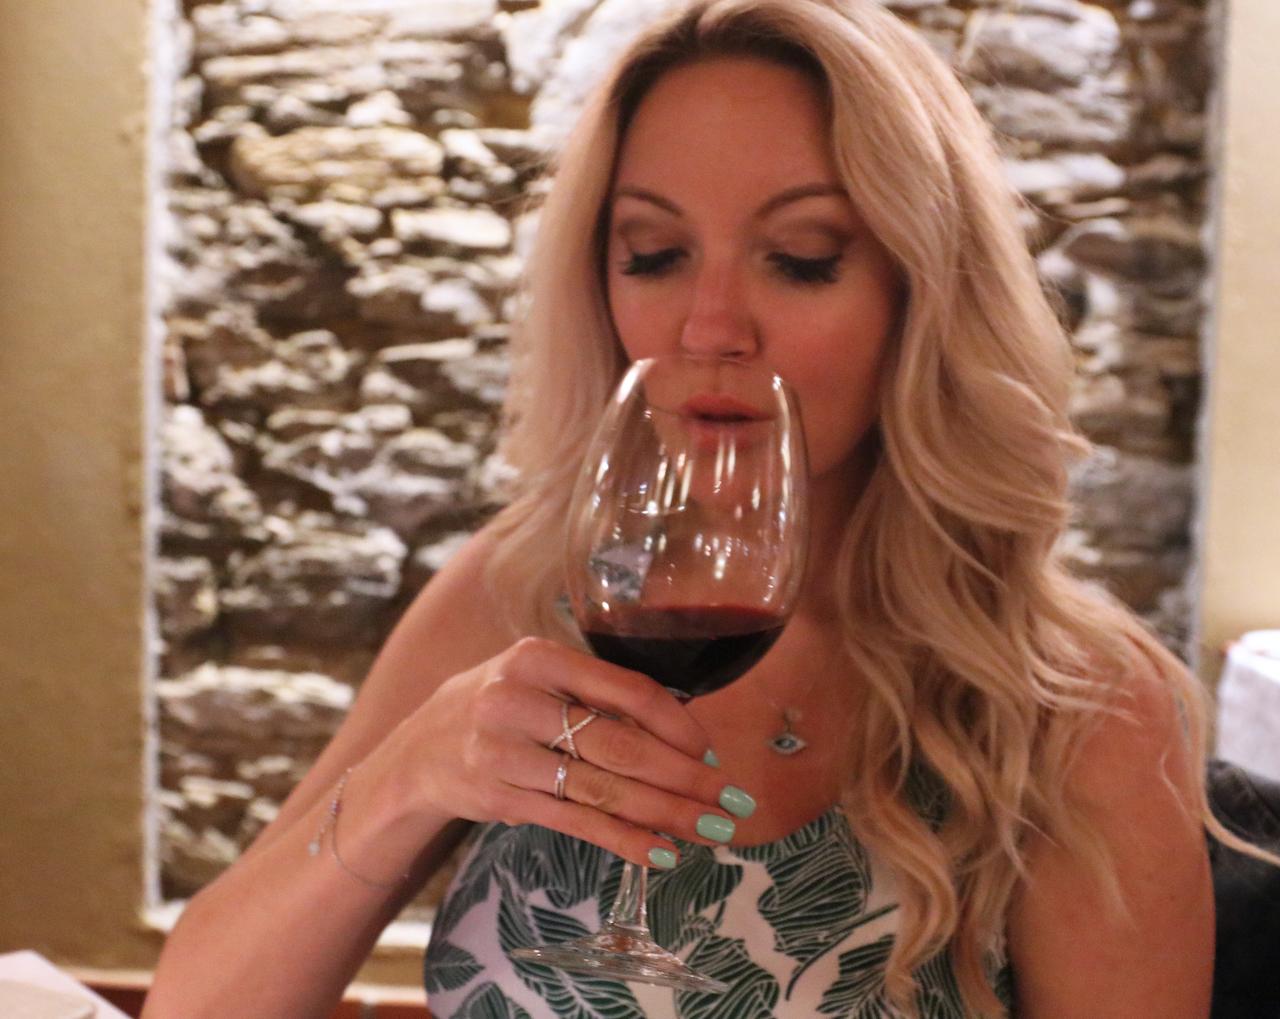 bailey-schneider-wine-copy